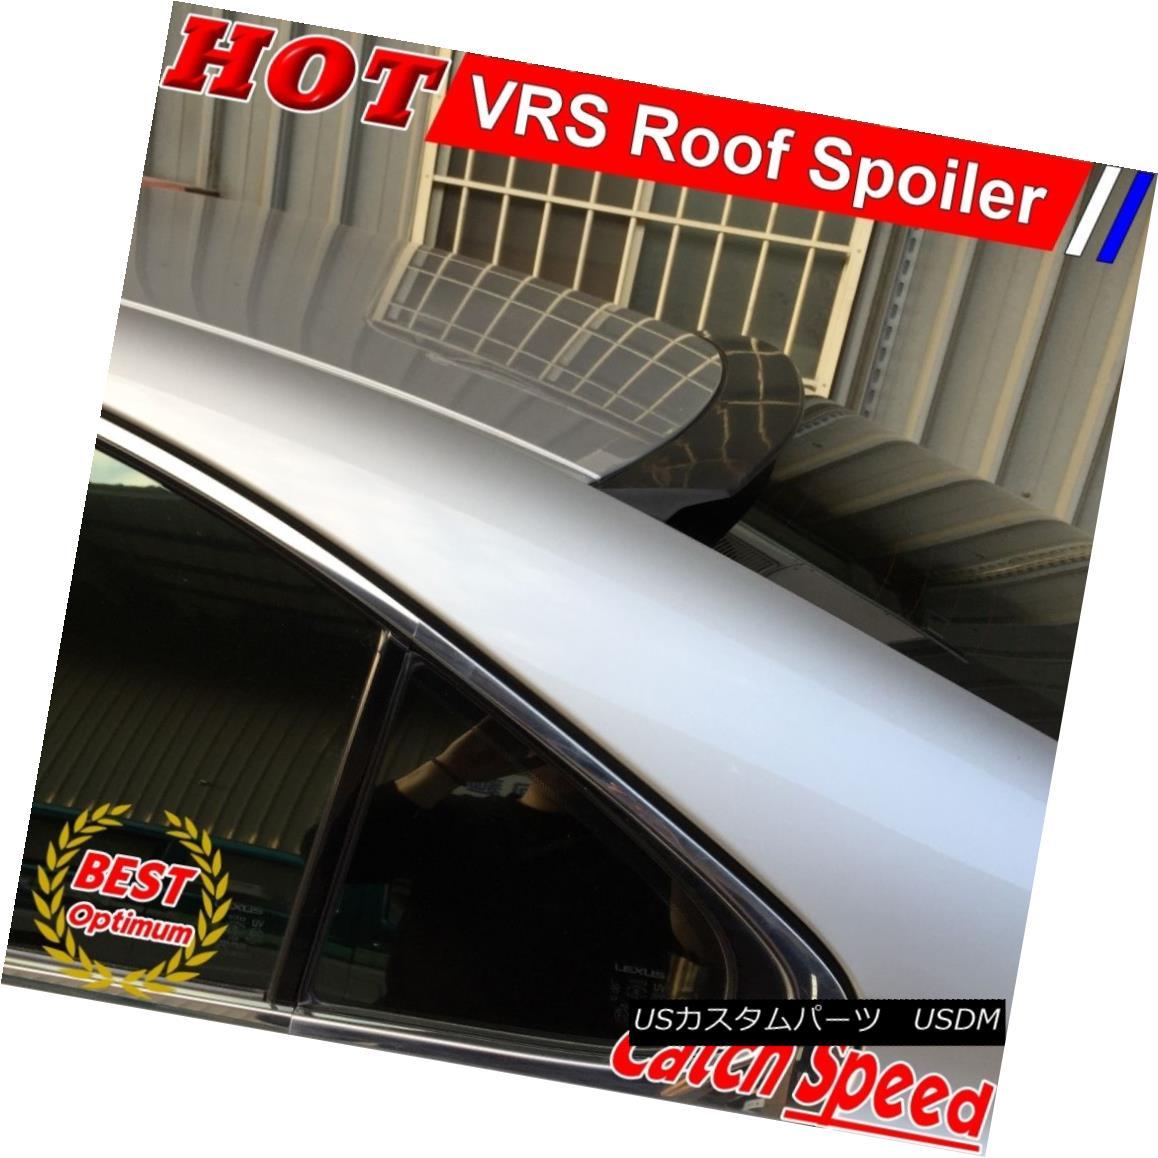 エアロパーツ Flat Black VRS Rear Roof Spoiler Wing For Ford Fiesta Sedan 2011-2015 Ford Fiesta Sedan 2011-2015用フラットブラックVRSリアルーフスポイラーウイング